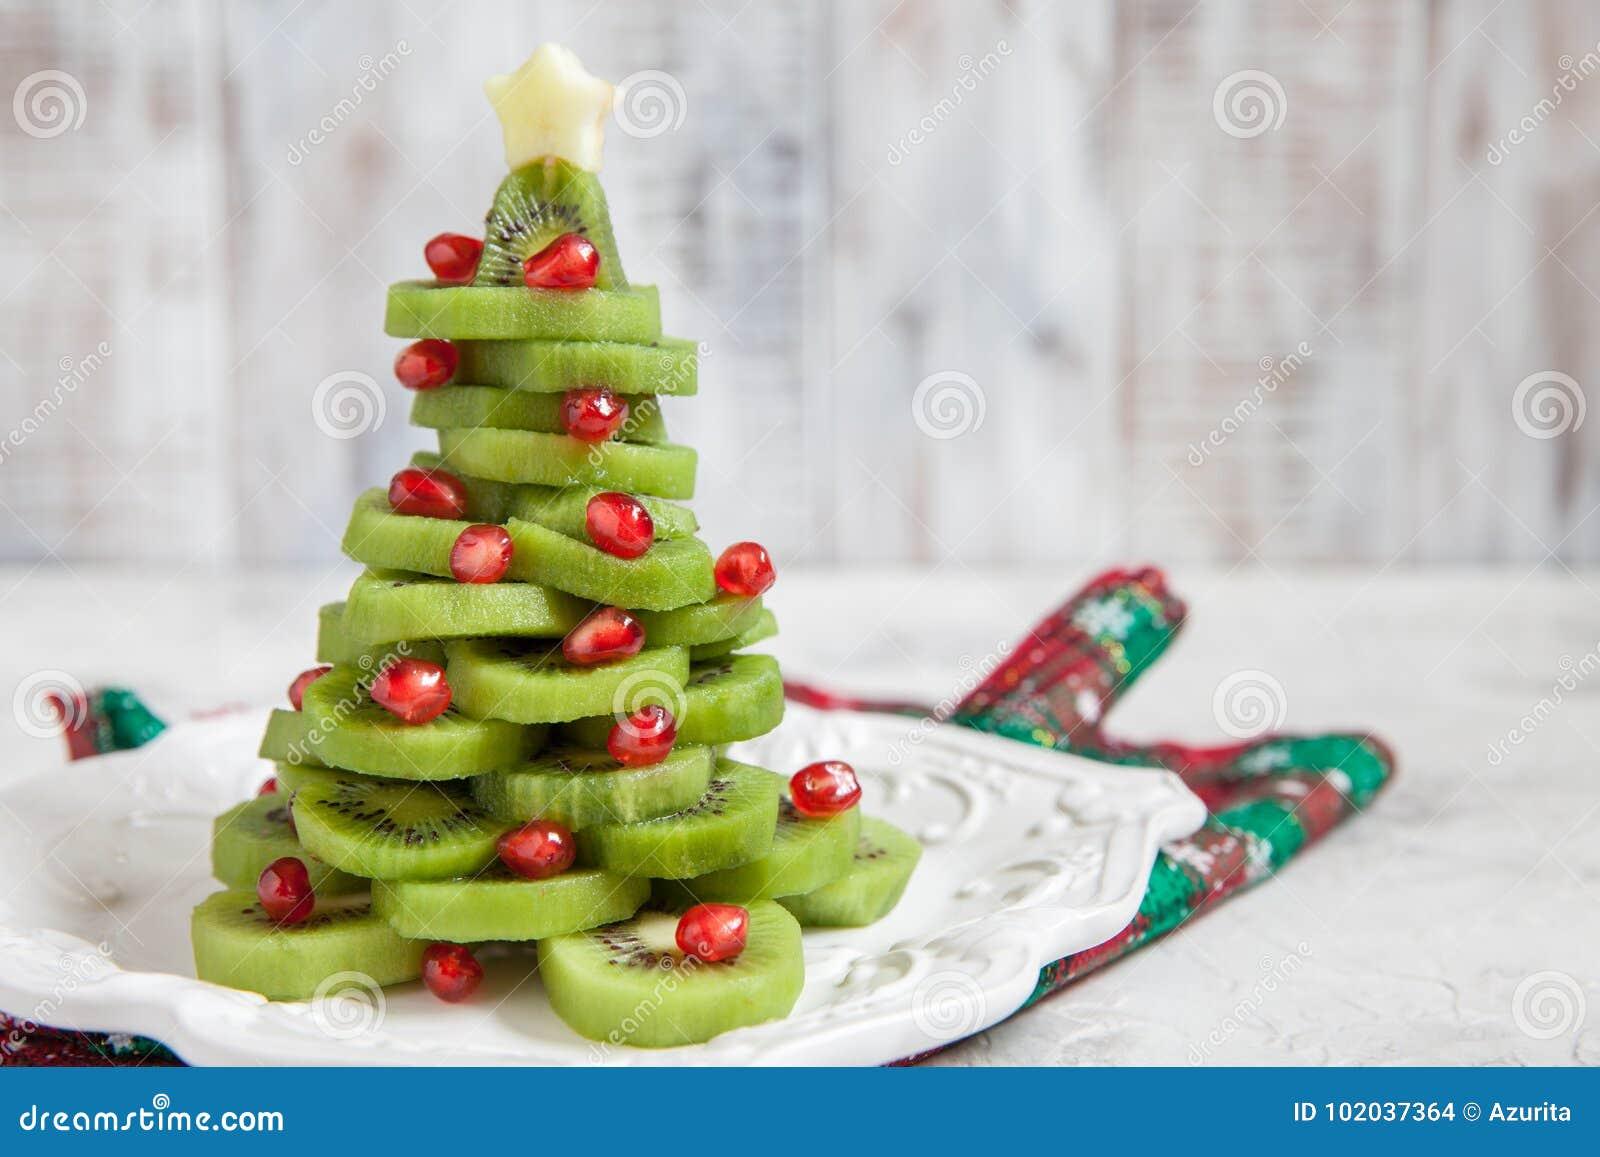 Postres Para Una Feliz Navidad.La Idea Sana Del Postre Para Los Ninos Va De Fiesta El